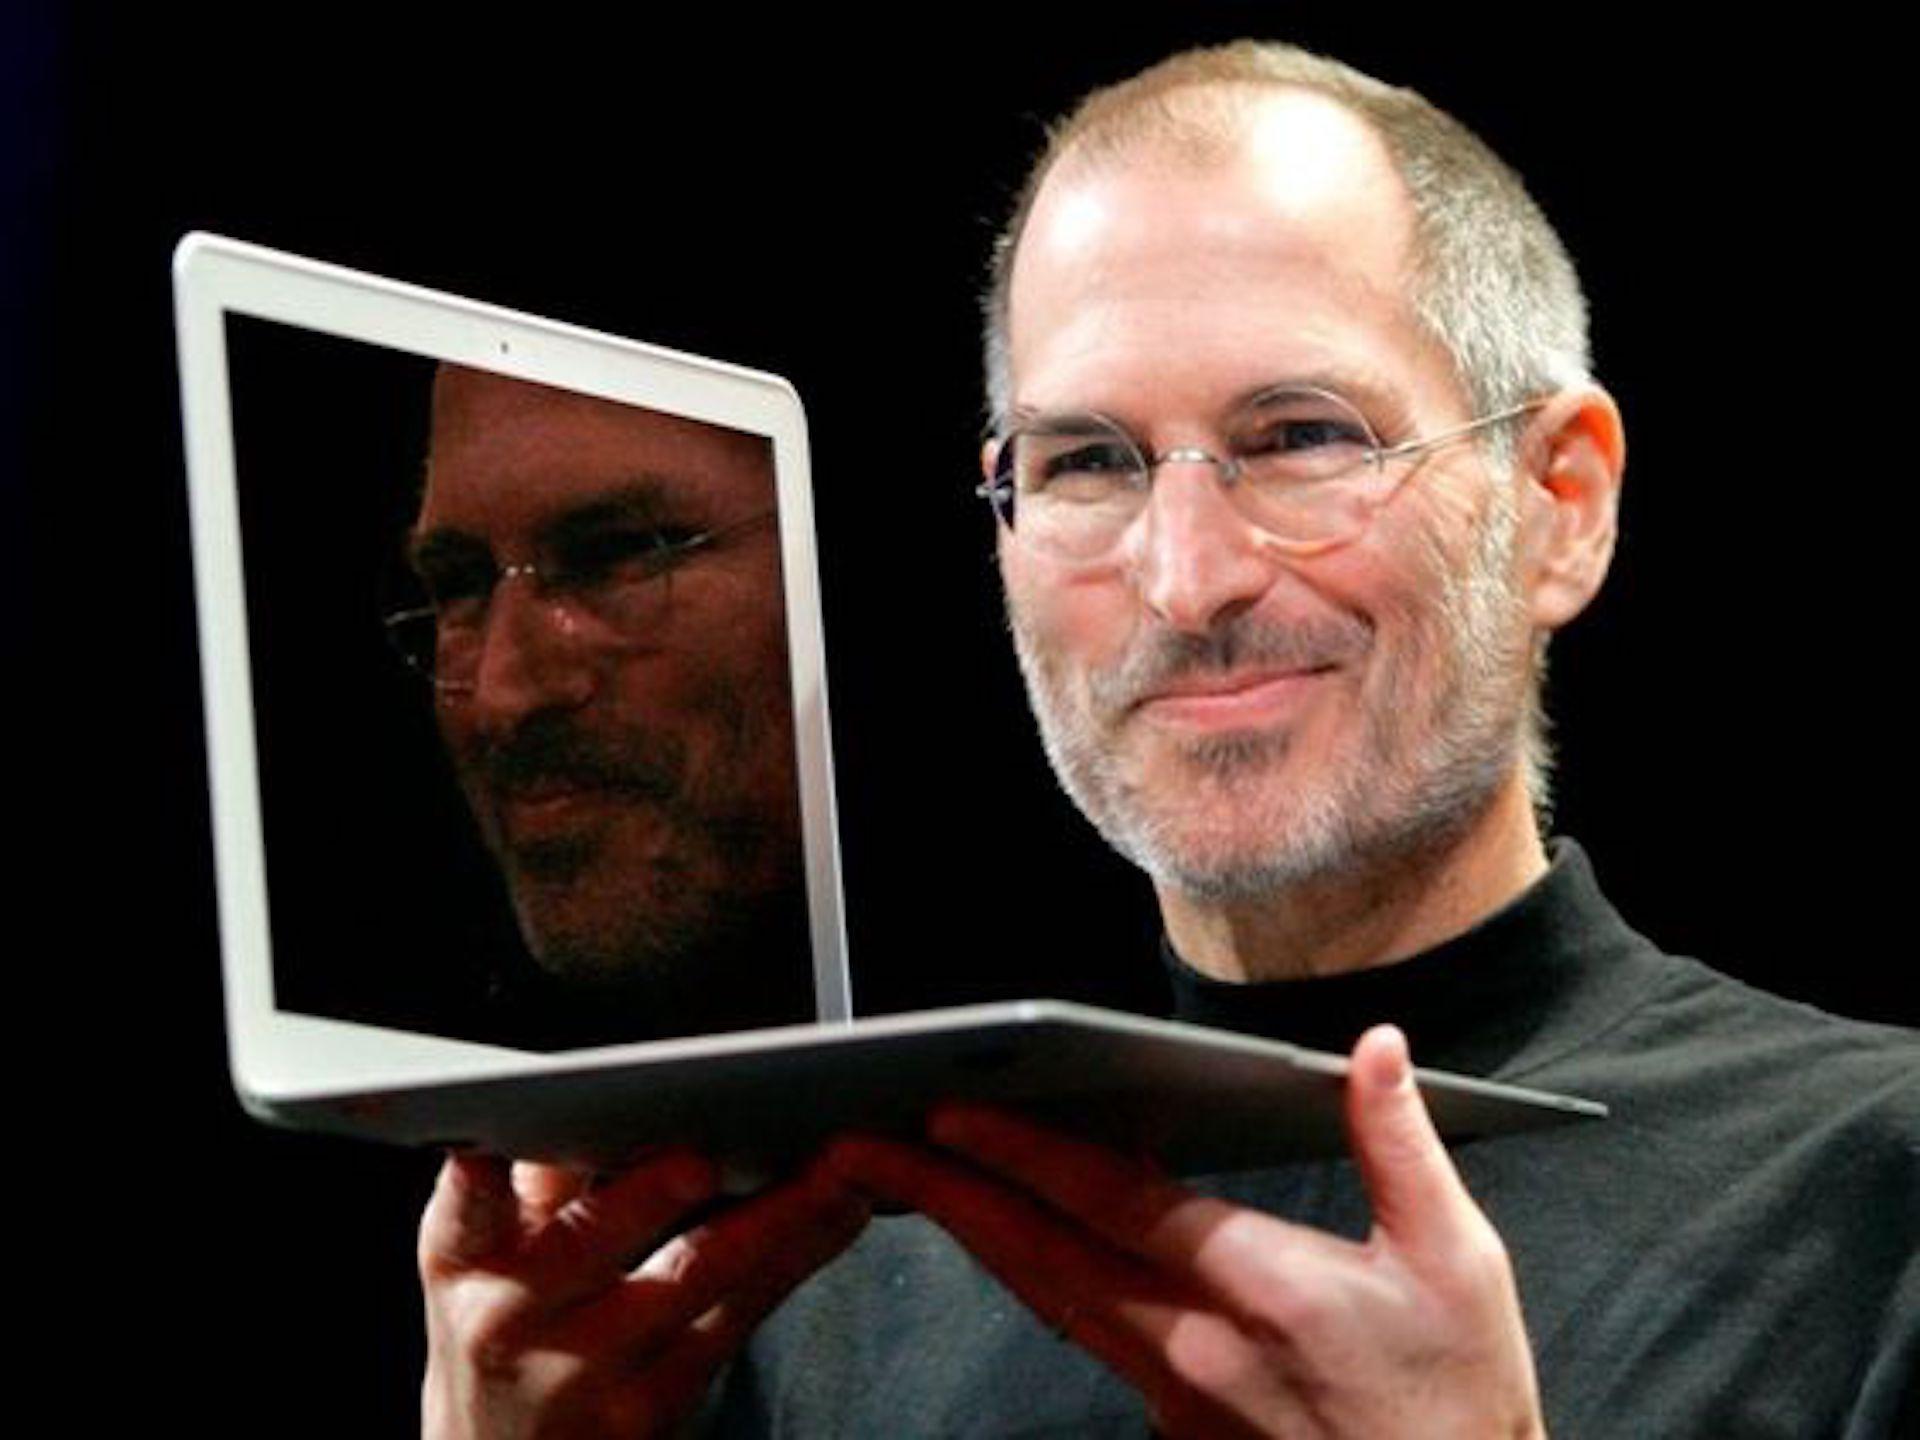 steve jobs macbook